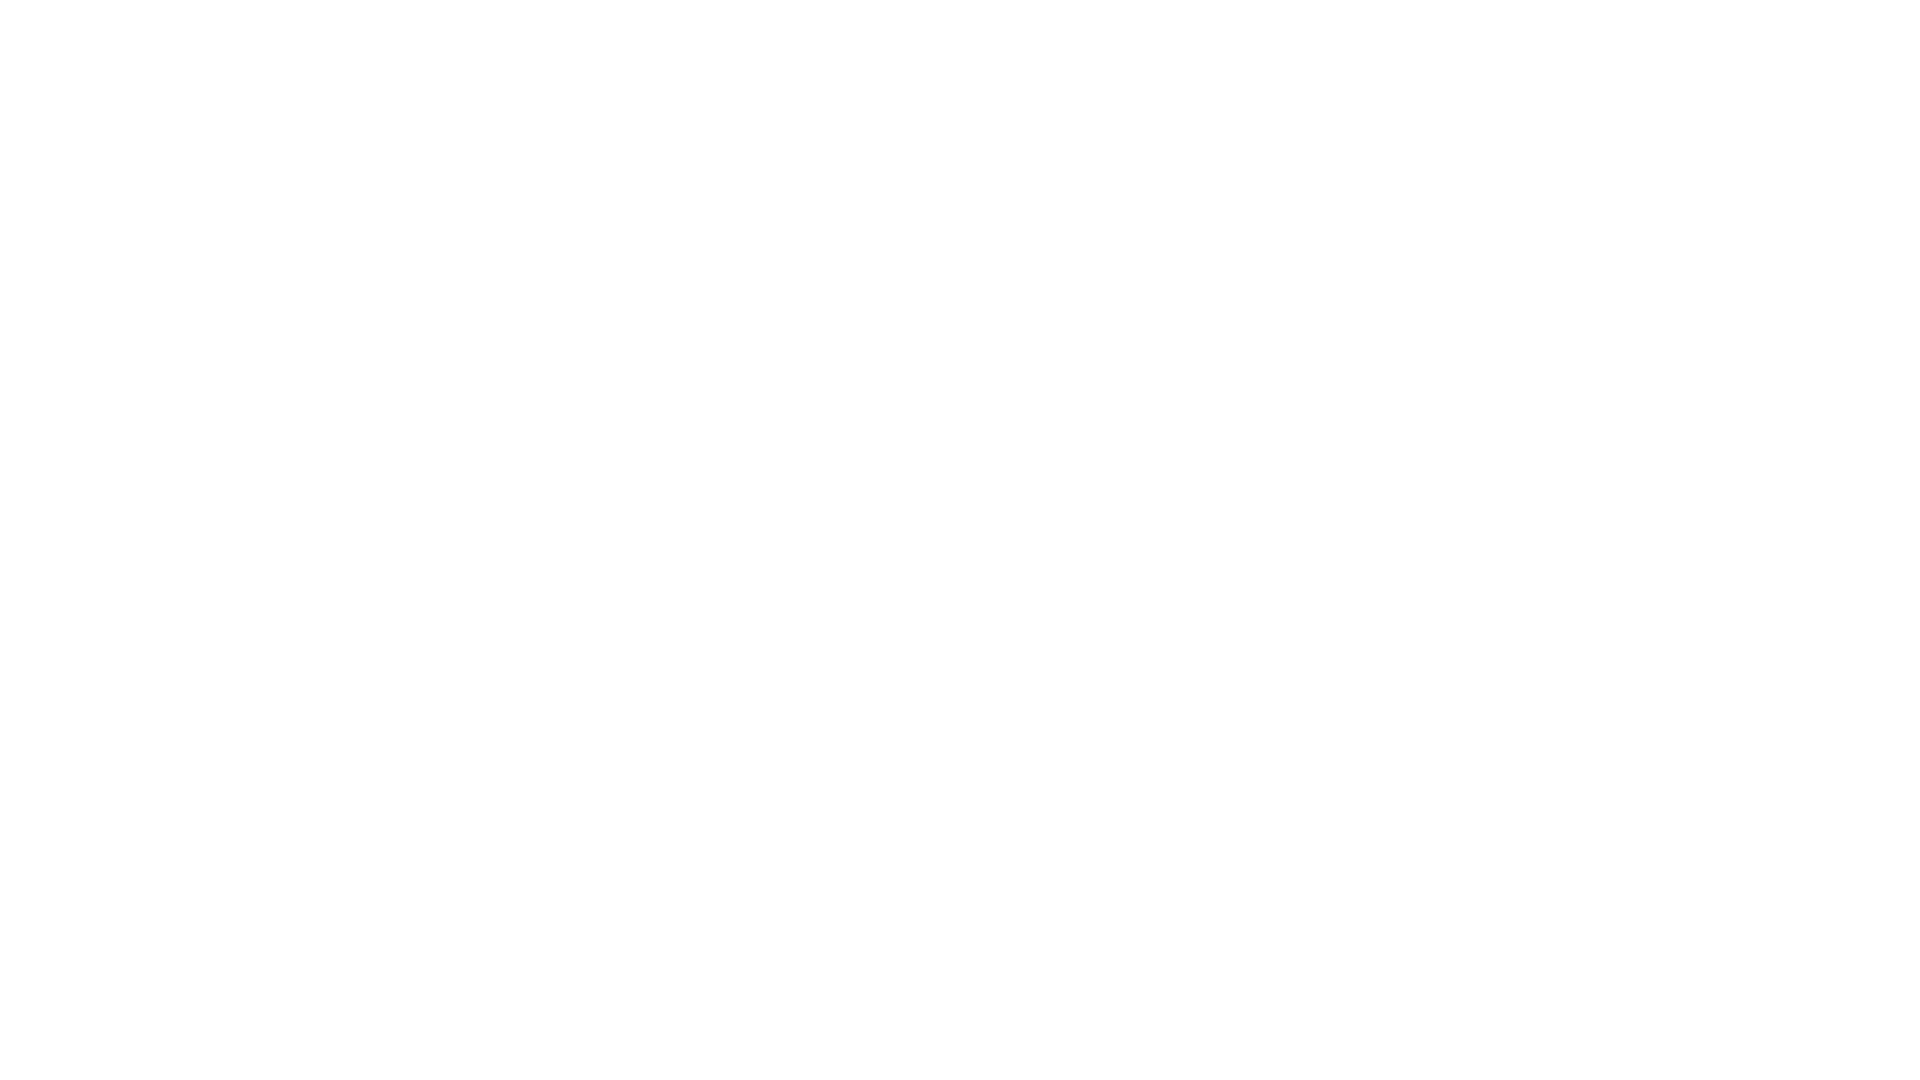 MobiFone thử nghiệm 5G thương mại, tốc độ tối đa đạt 1,5Gbps